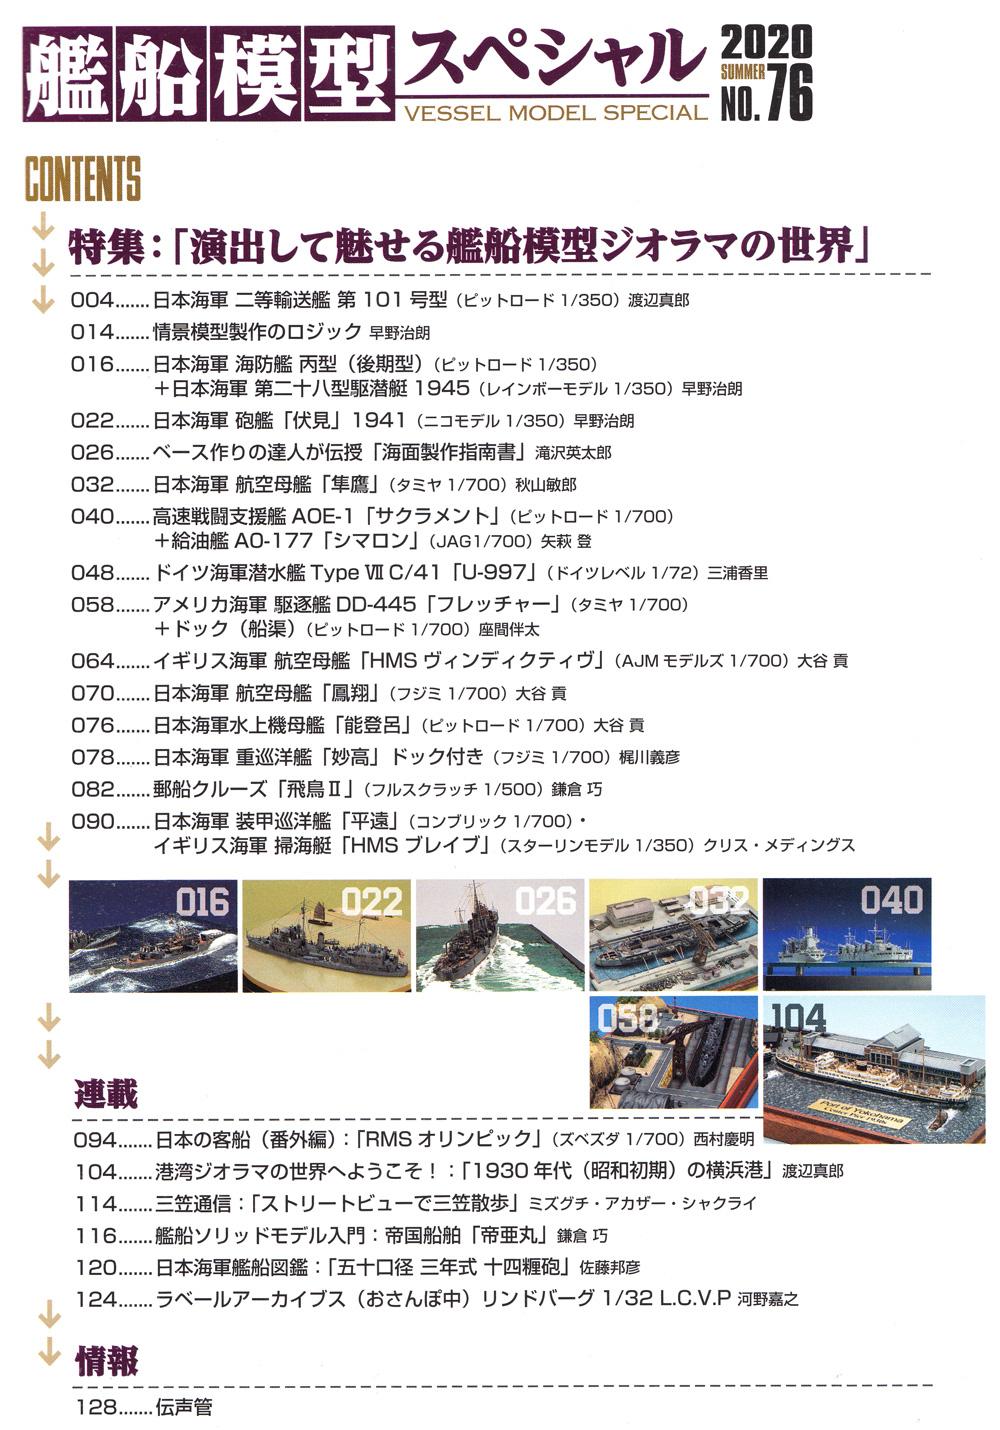 艦船模型スペシャル No.76 演出して魅せる 艦船模型ジオラマの世界本(モデルアート艦船模型スペシャルNo.076)商品画像_1